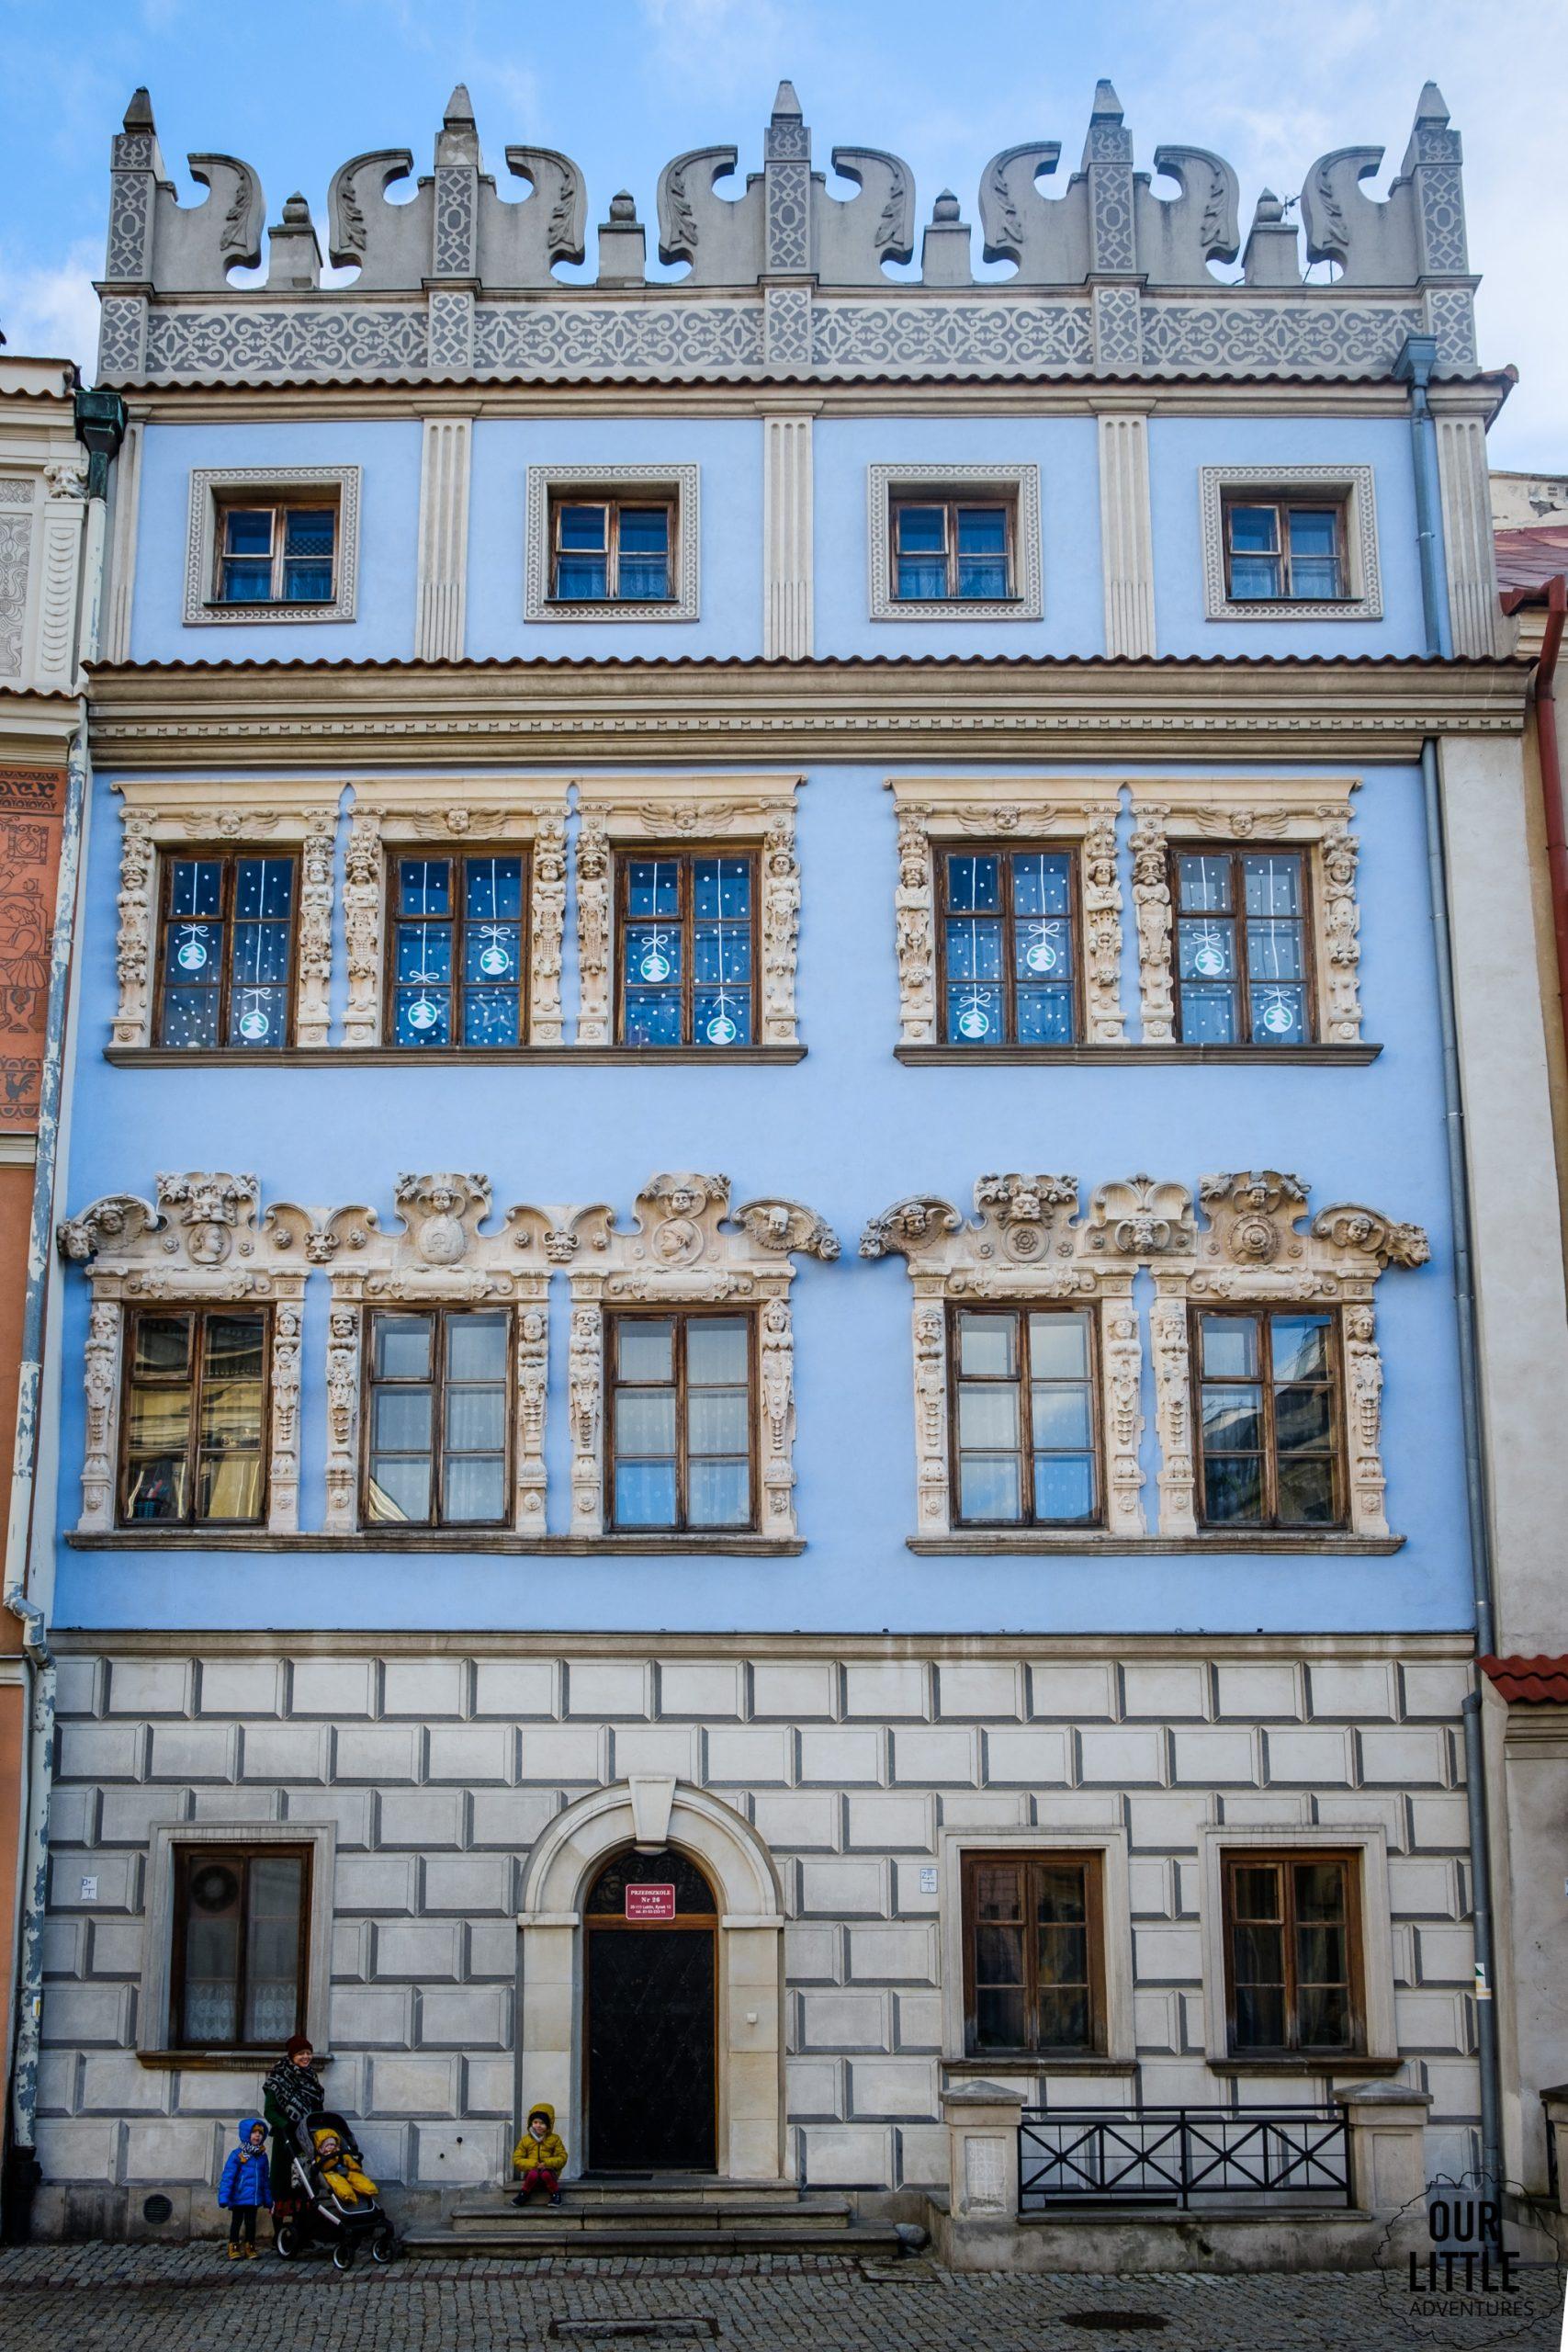 Kamienice Starego Miasta w Lublinie - kamienica konopniców, niebieska